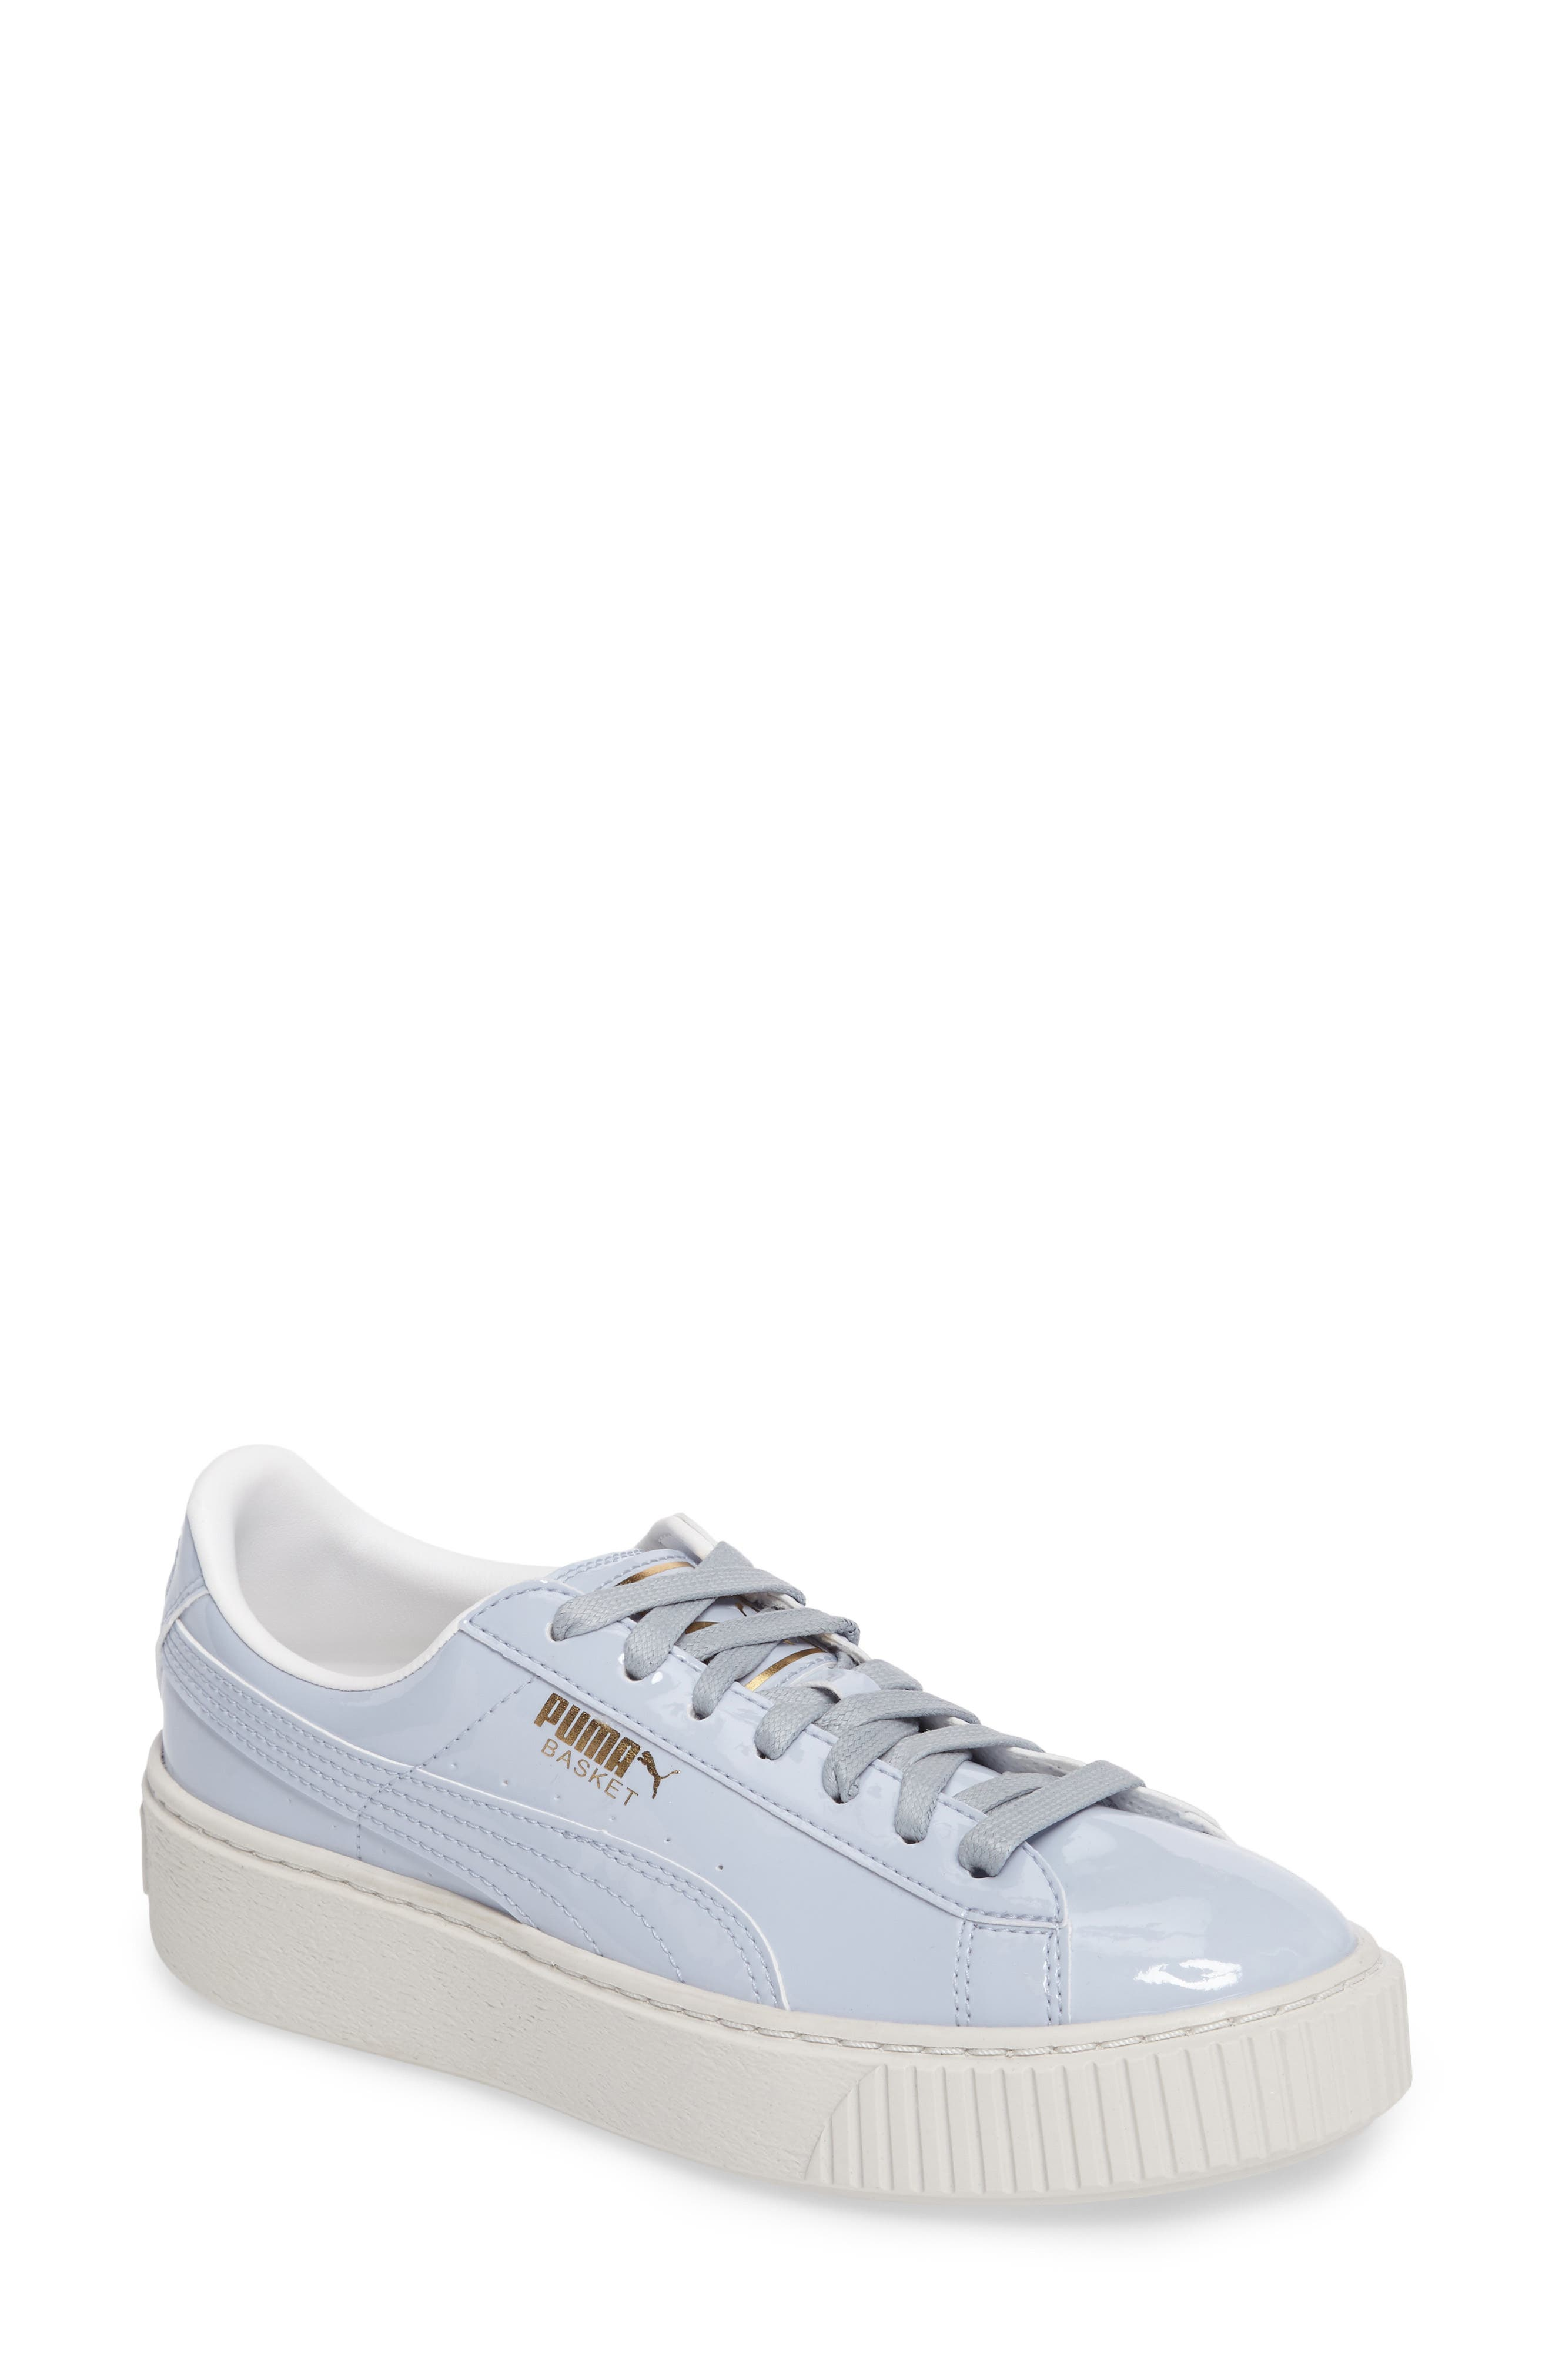 Basket Platform Sneaker,                         Main,                         color, Halogen Blue/ Halogen Blue